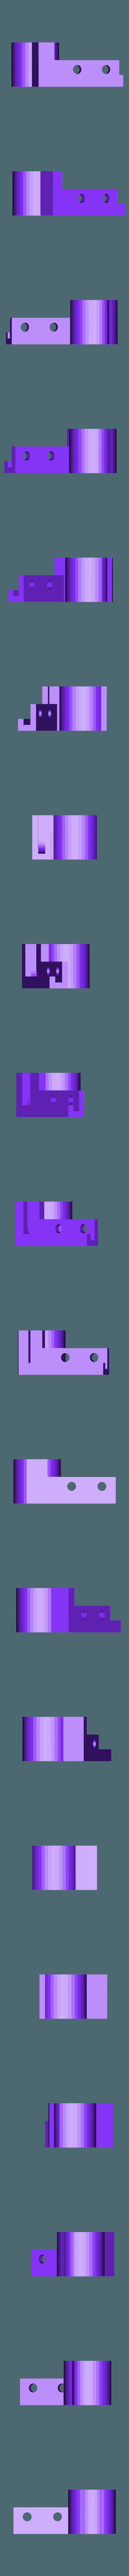 supporto.stl Download free STL file Anycubic i3 mega - Sostegno cablaggio estrusore • 3D printing template, Scigola